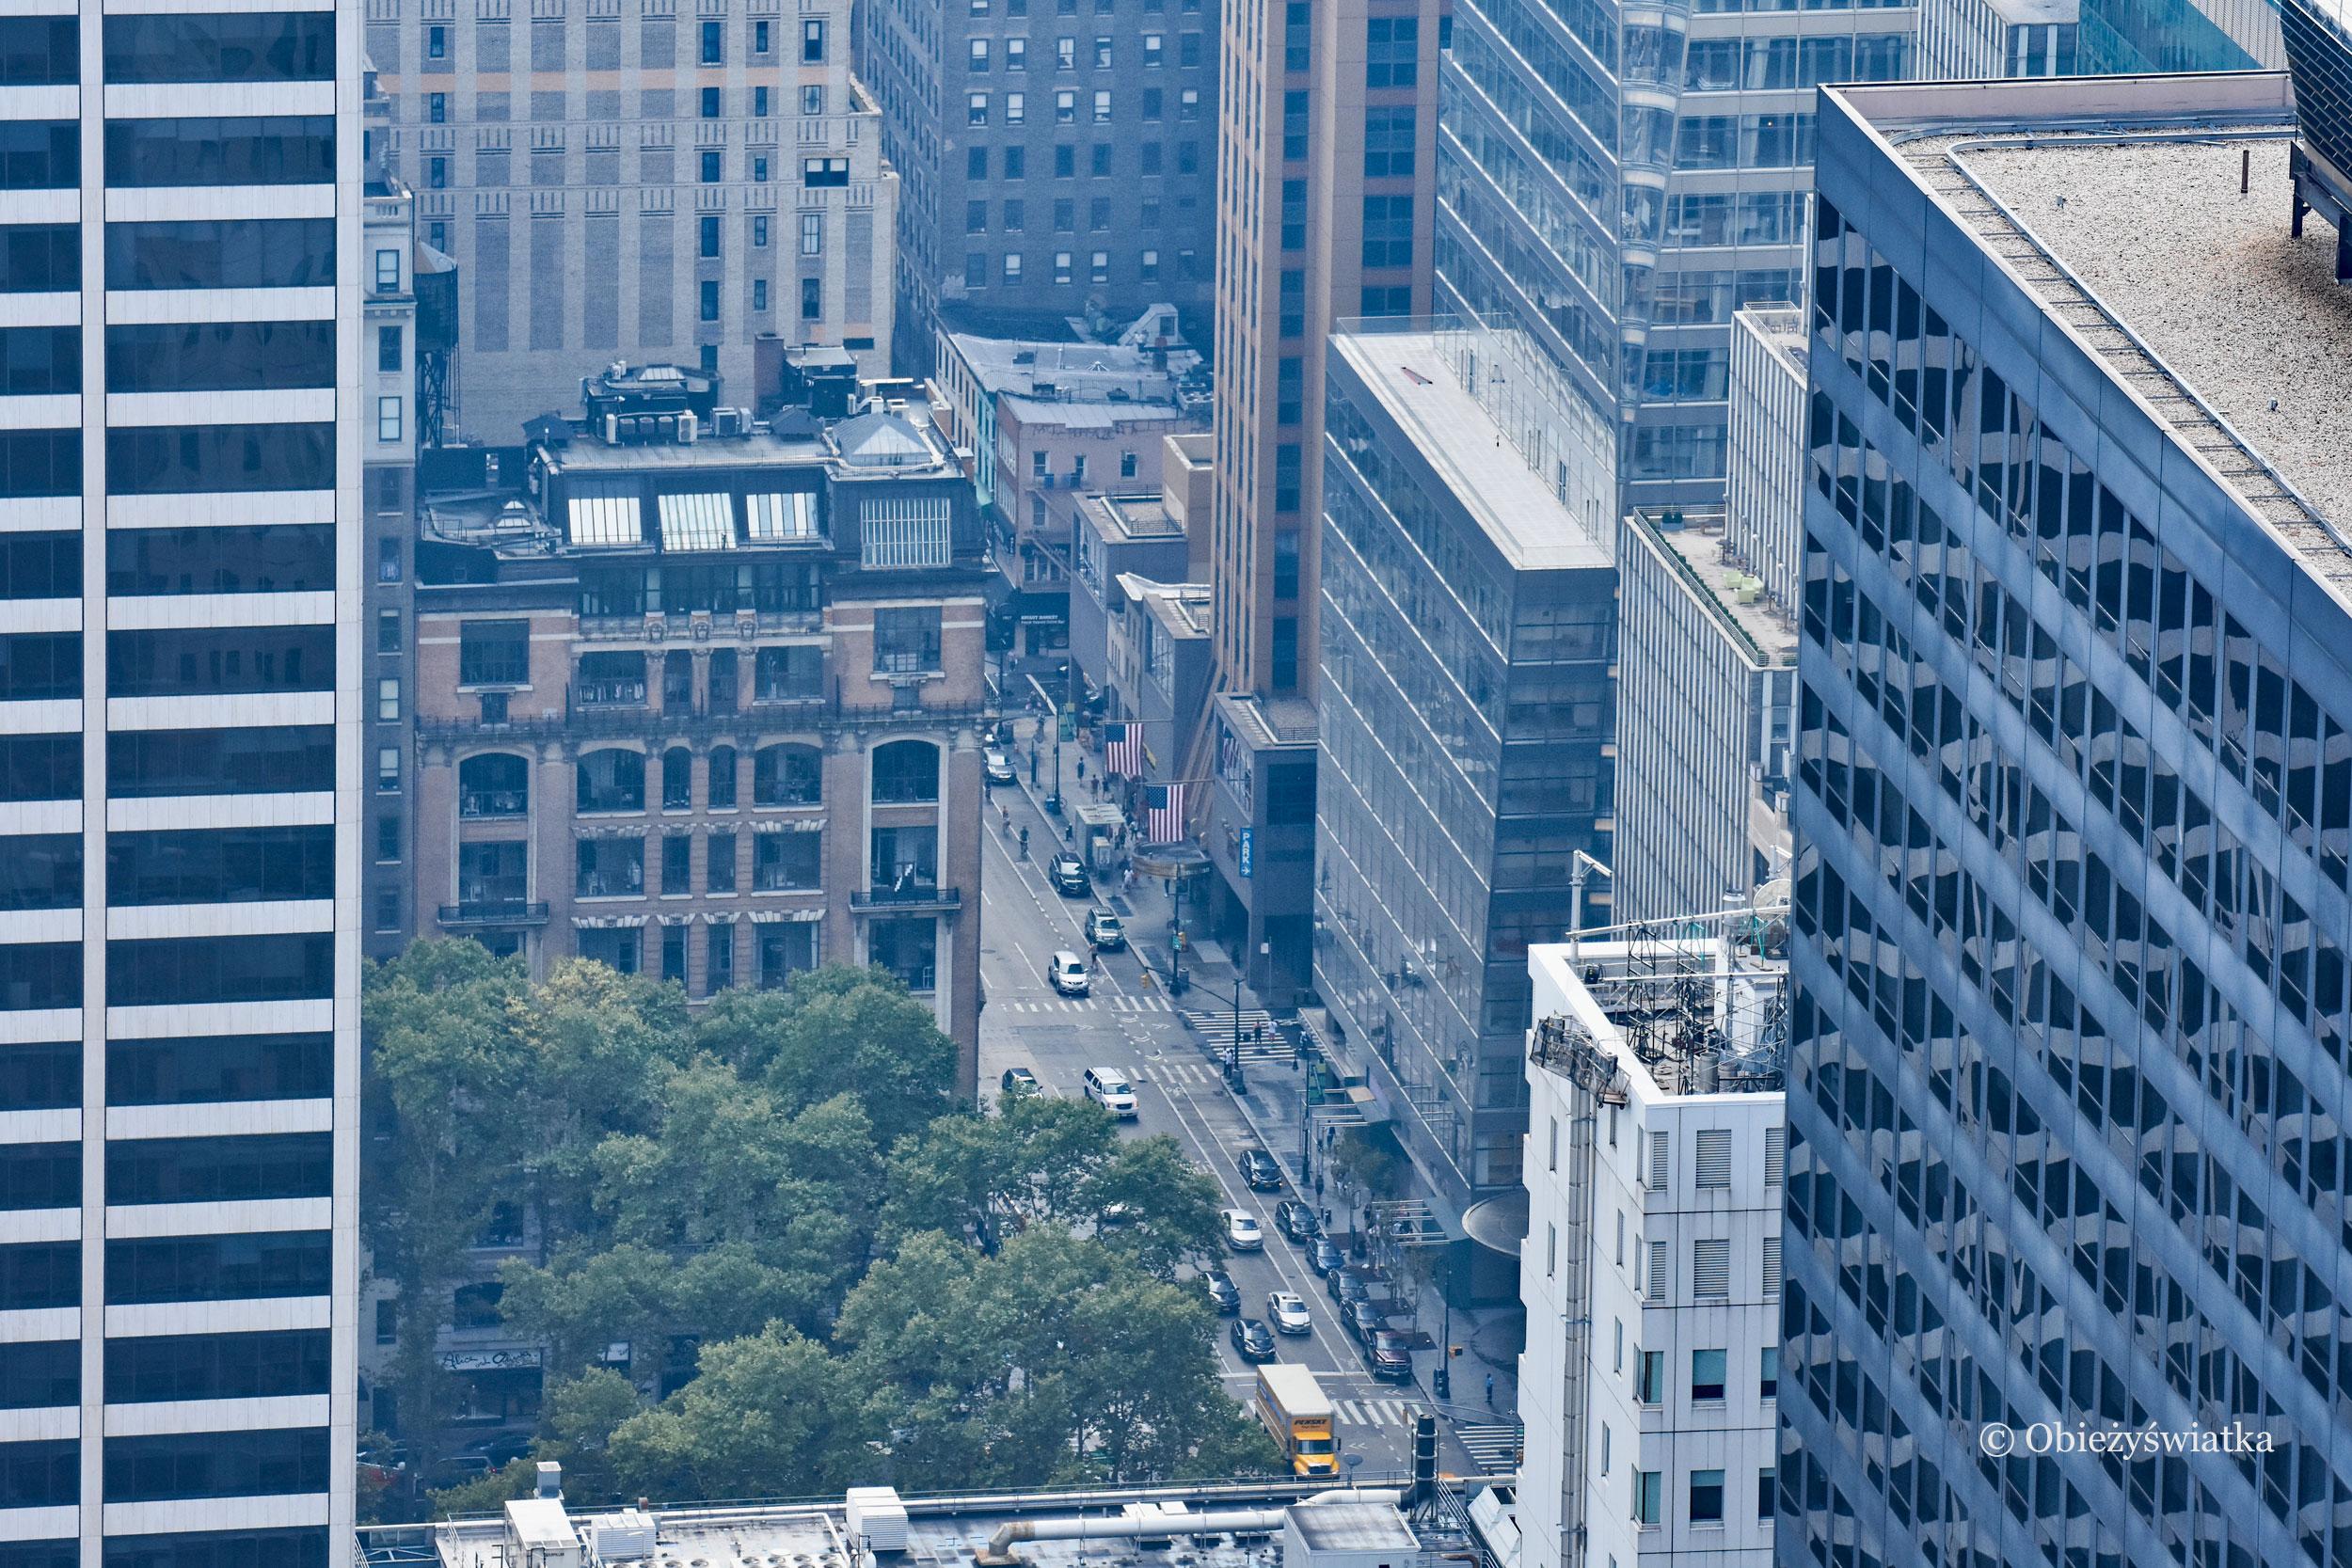 Jedna z ulic Nowego Jorku